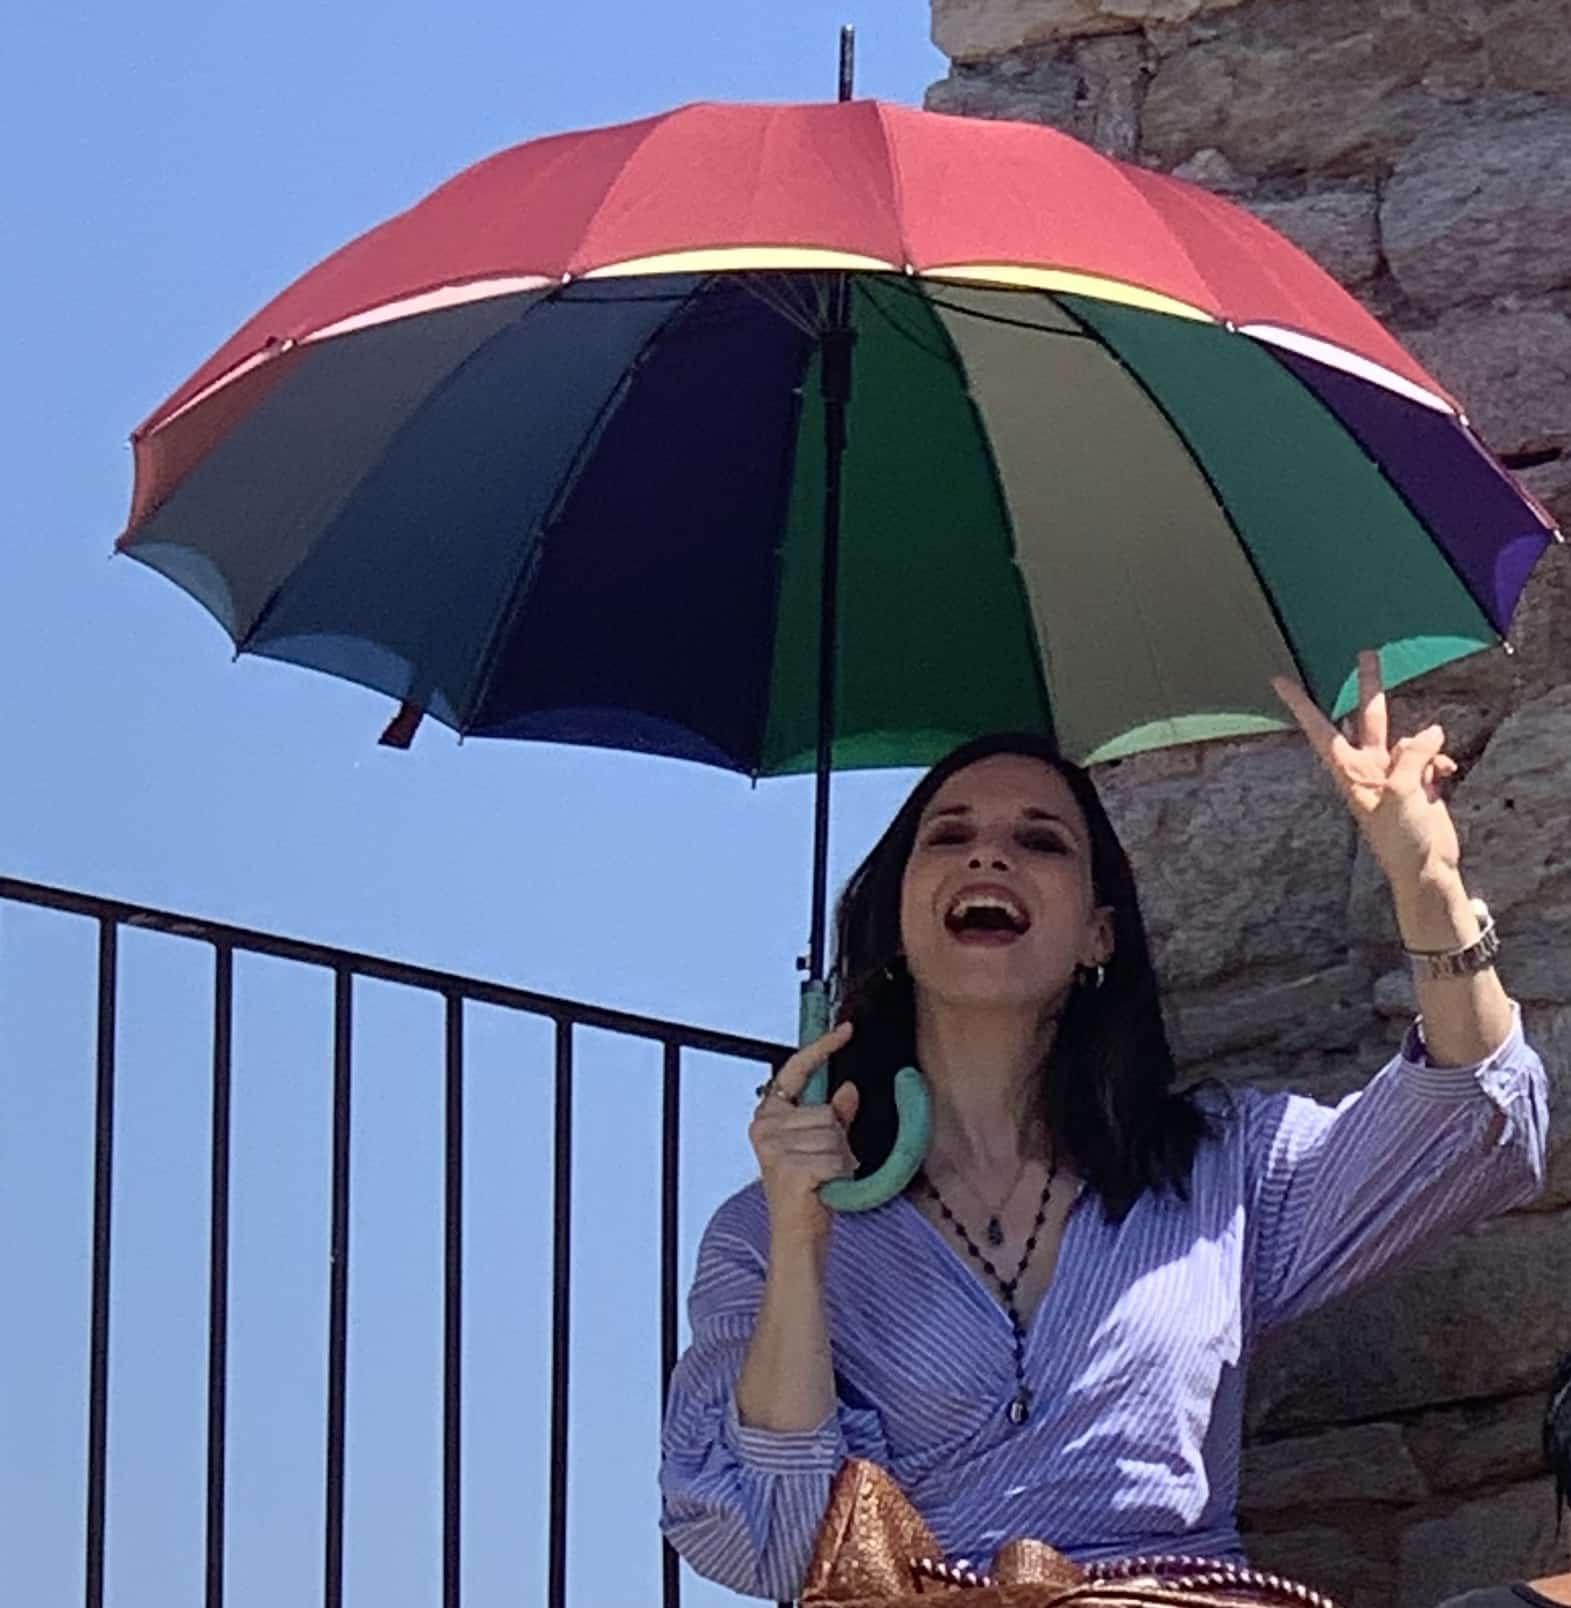 Ήλιος 24-25/9: Η Αλίκη κανονίζει να συναντήσει την Λήδα